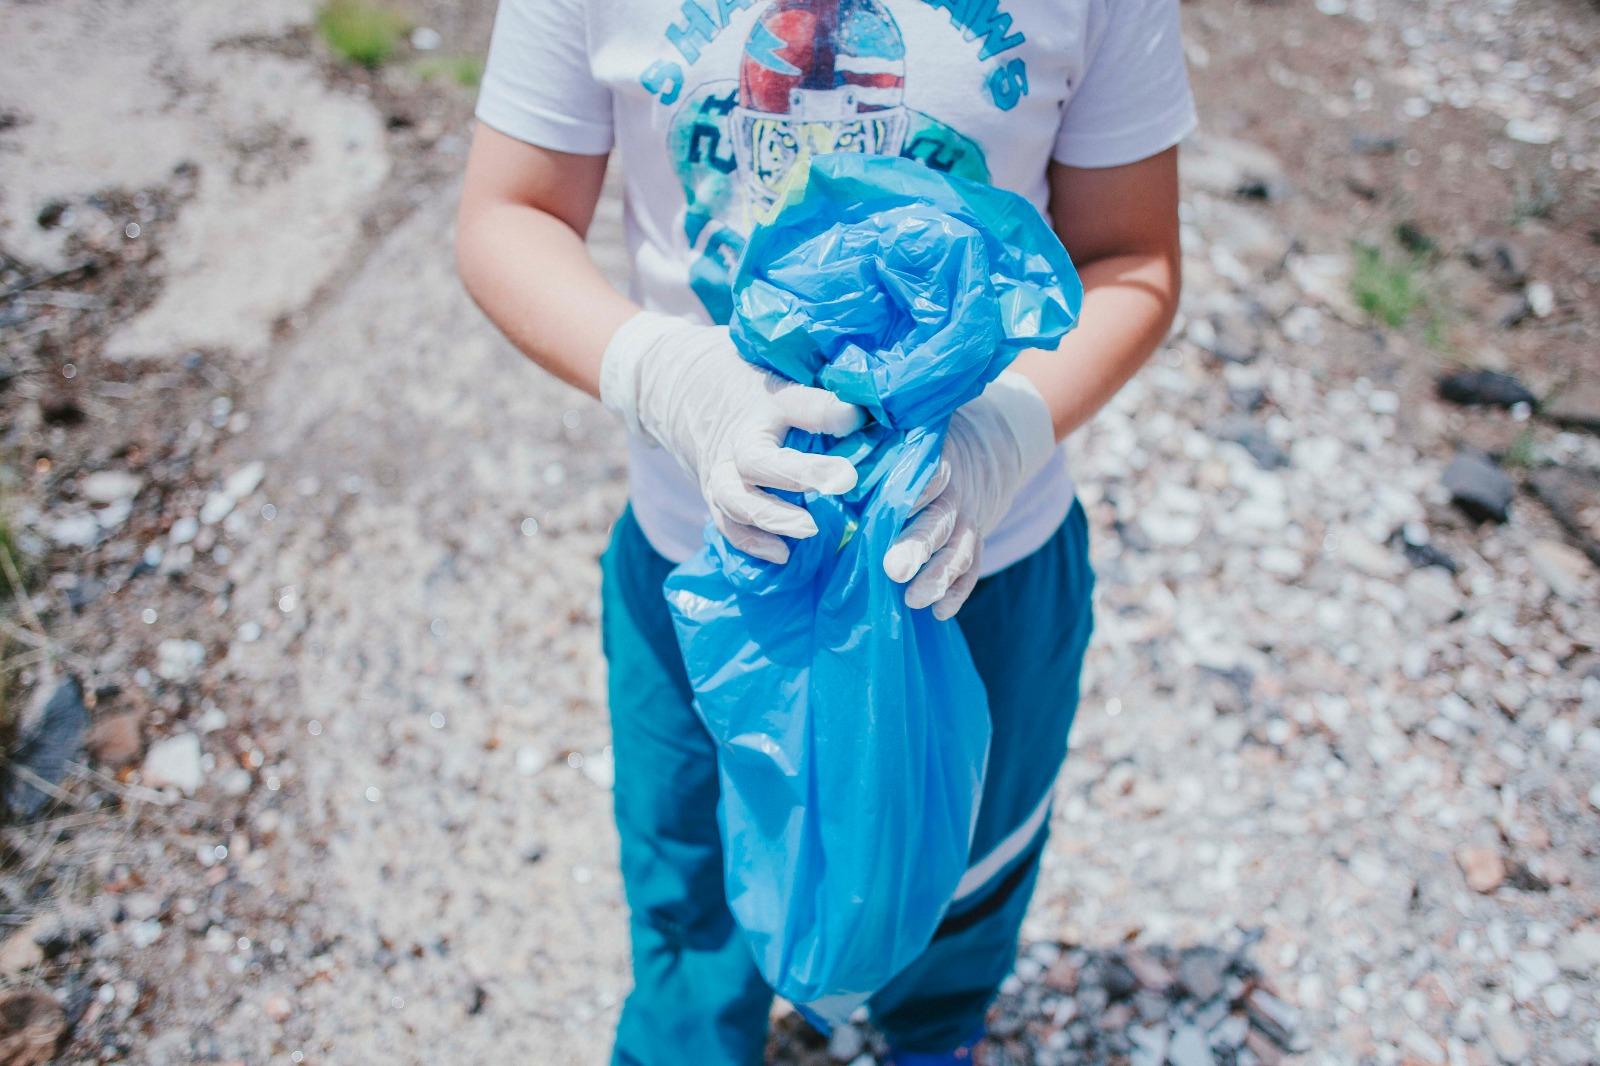 Uno de los alumnos, con basura recogida en la zona. / ziREjA